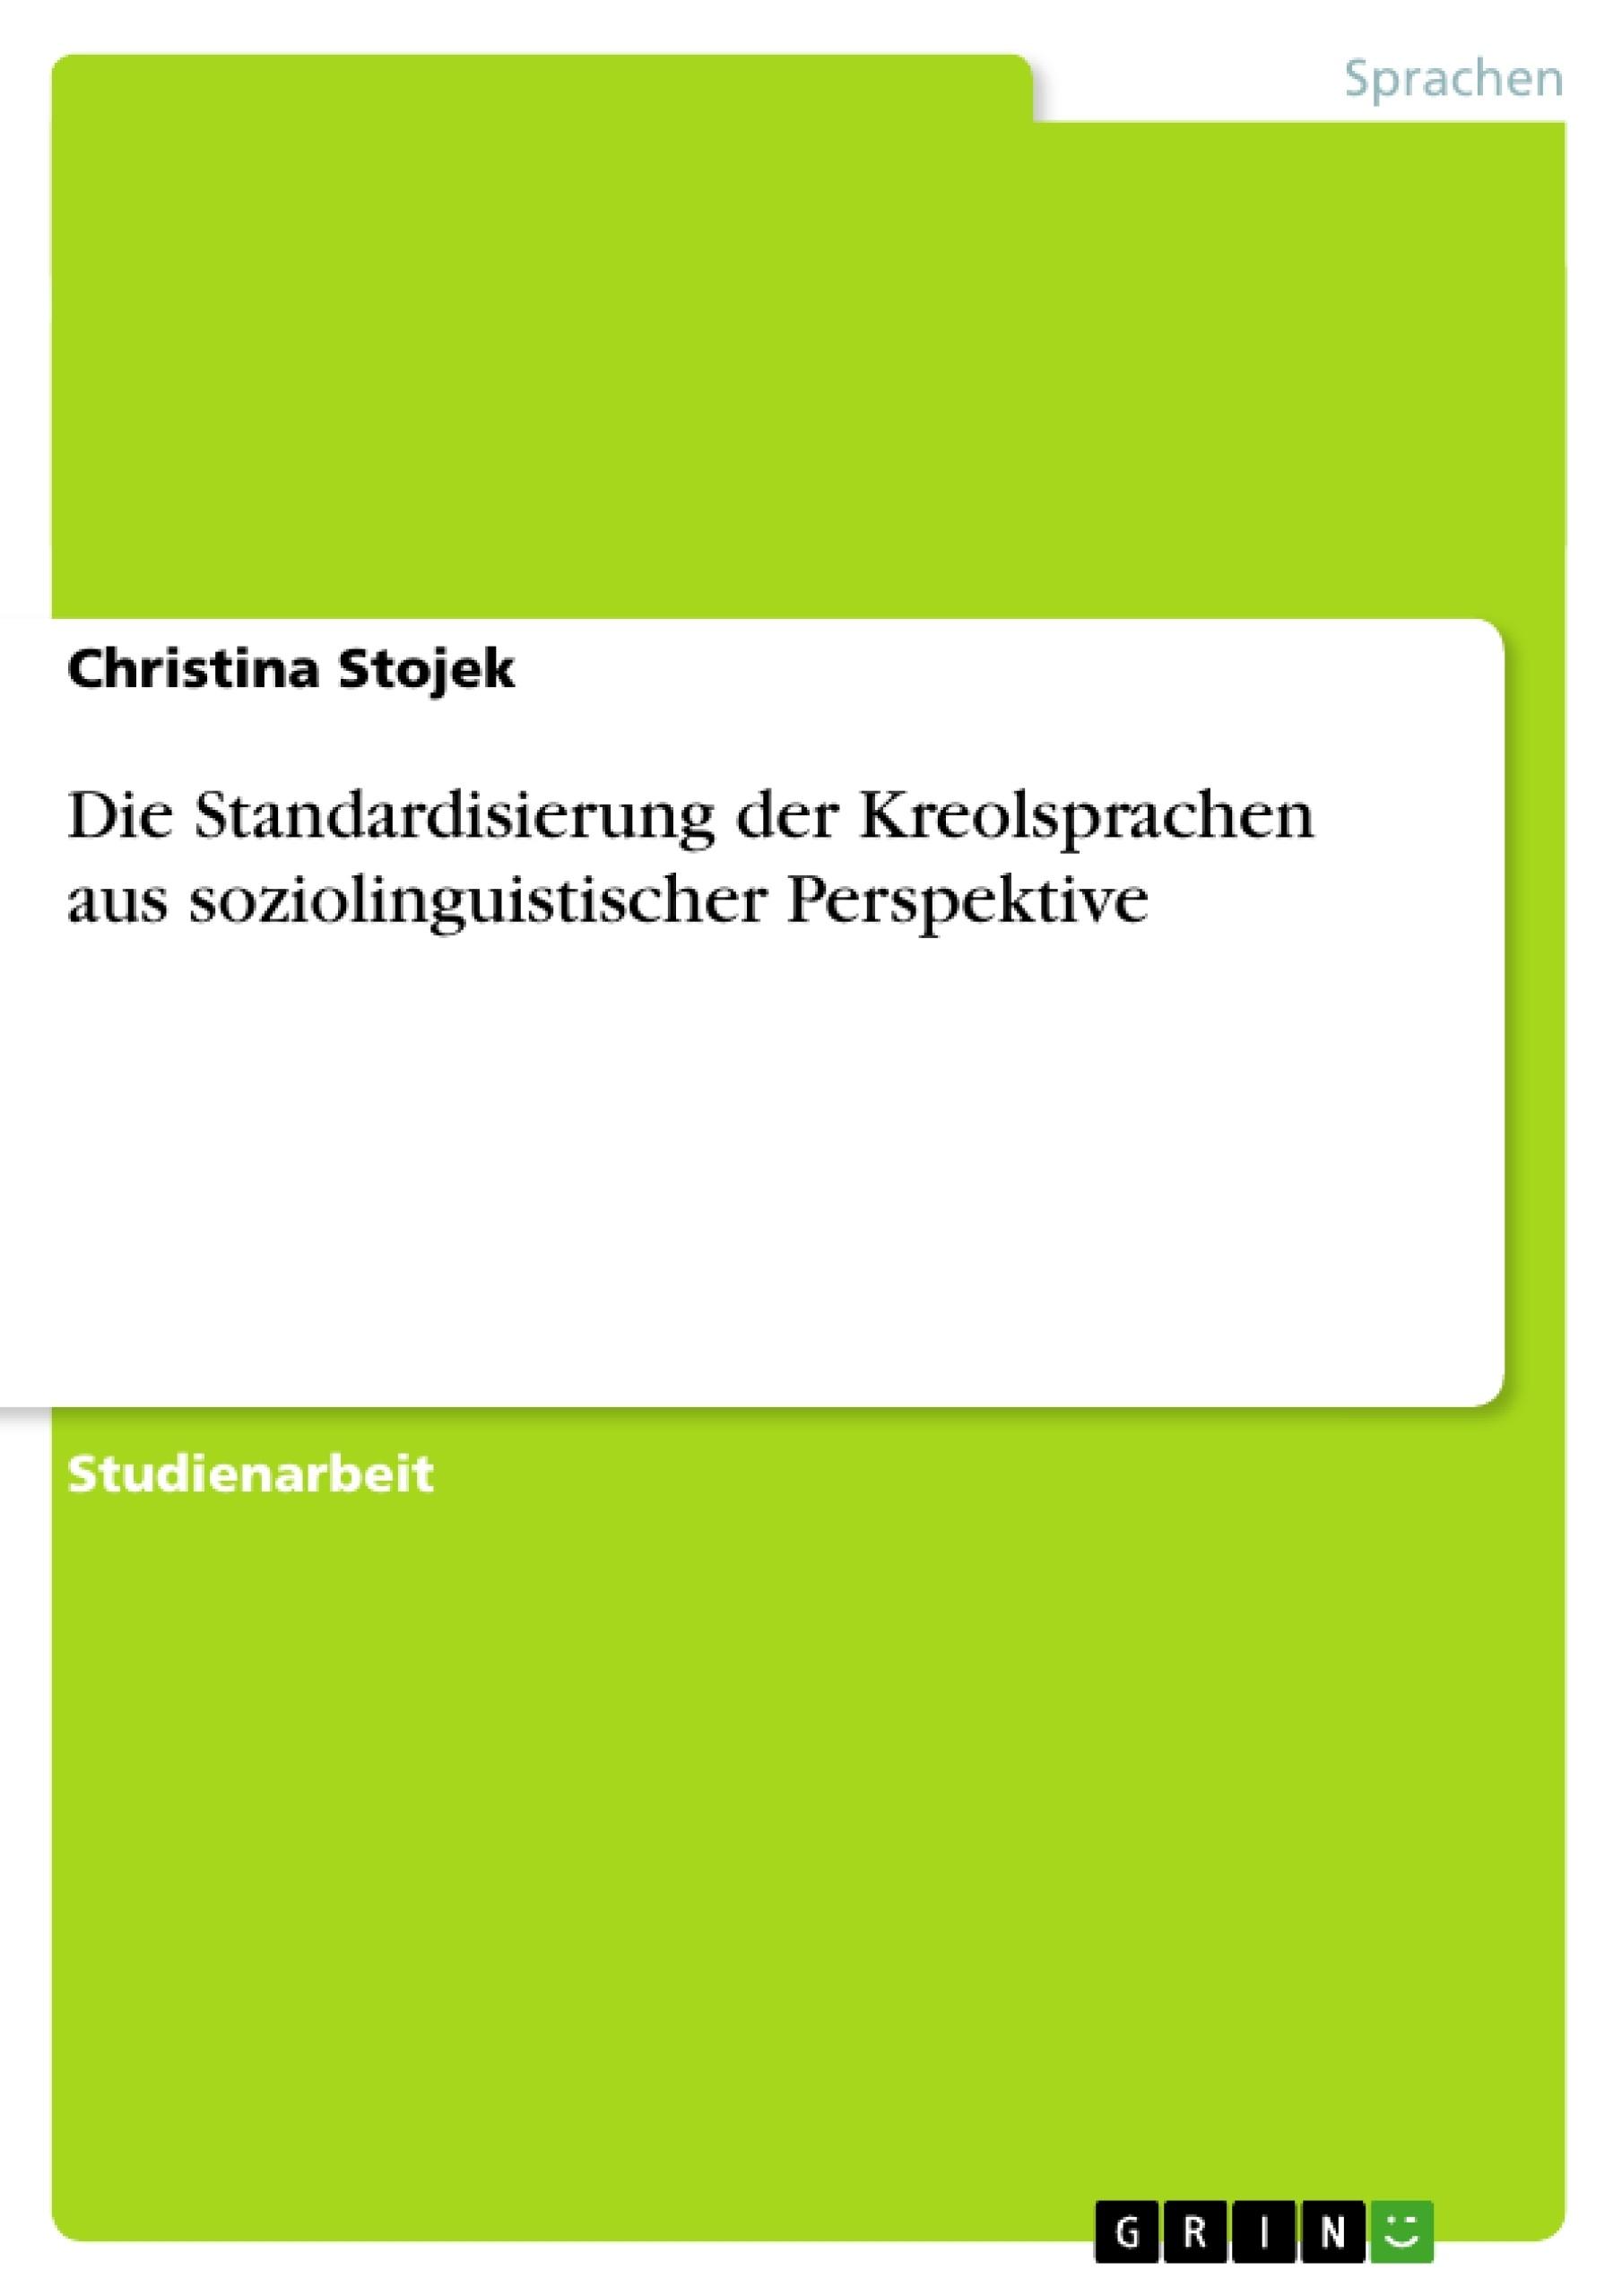 Titel: Die Standardisierung der Kreolsprachen aus soziolinguistischer Perspektive